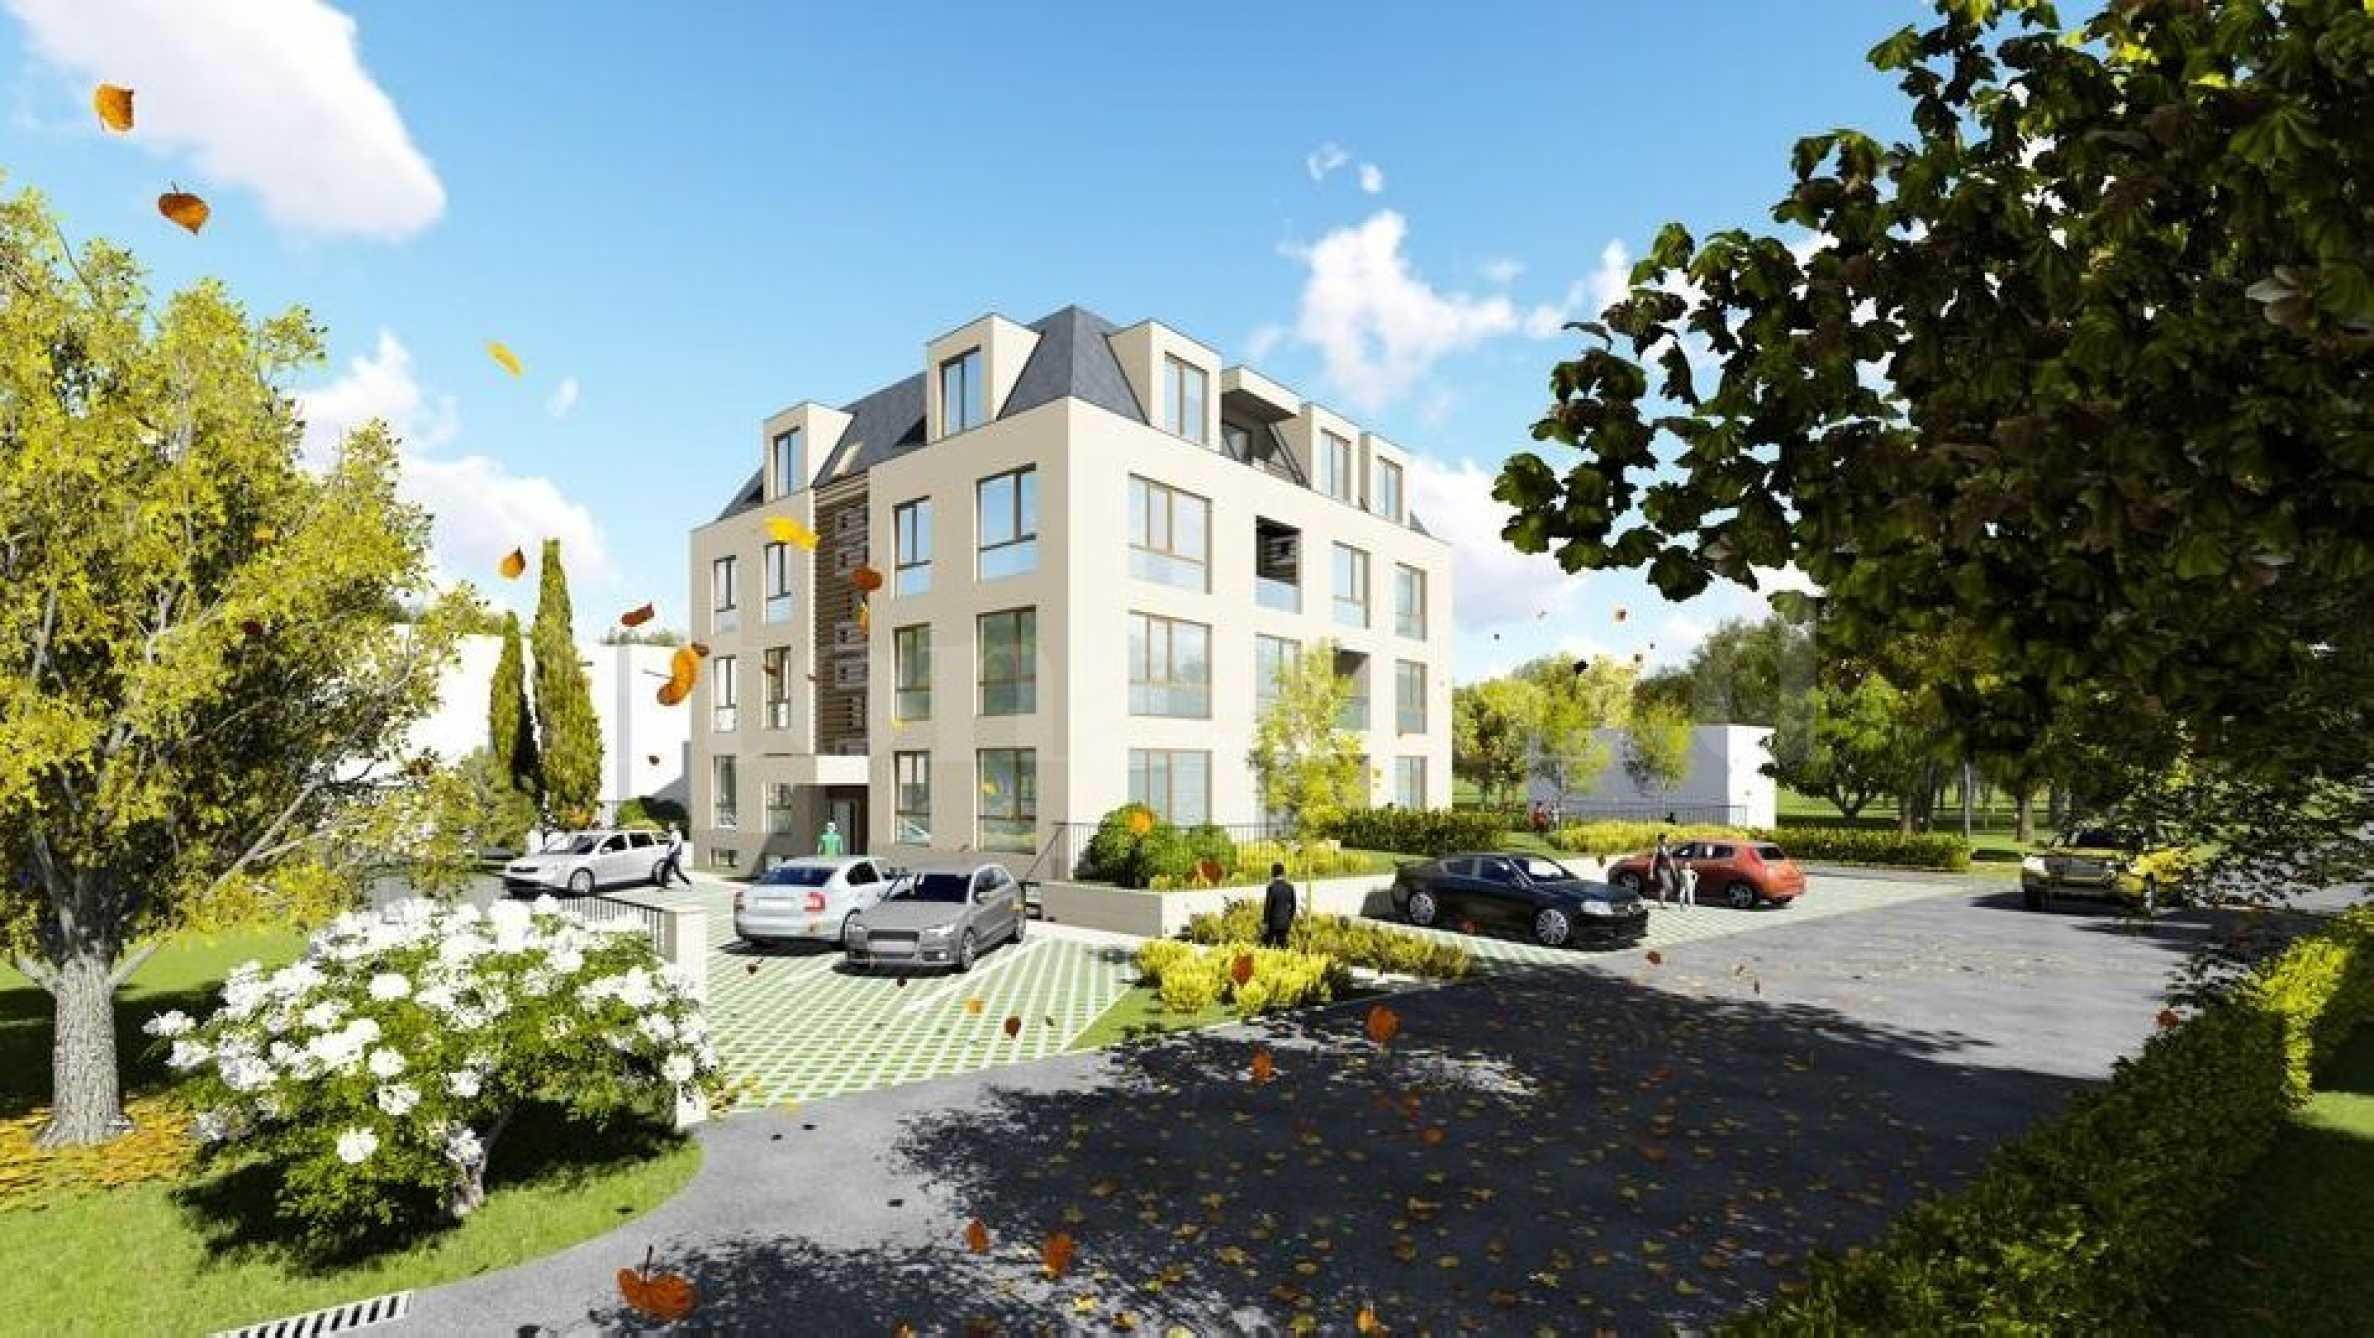 Апартаменти в новострояща се сграда на тихо място в кв. Бриз1 - Stonehard